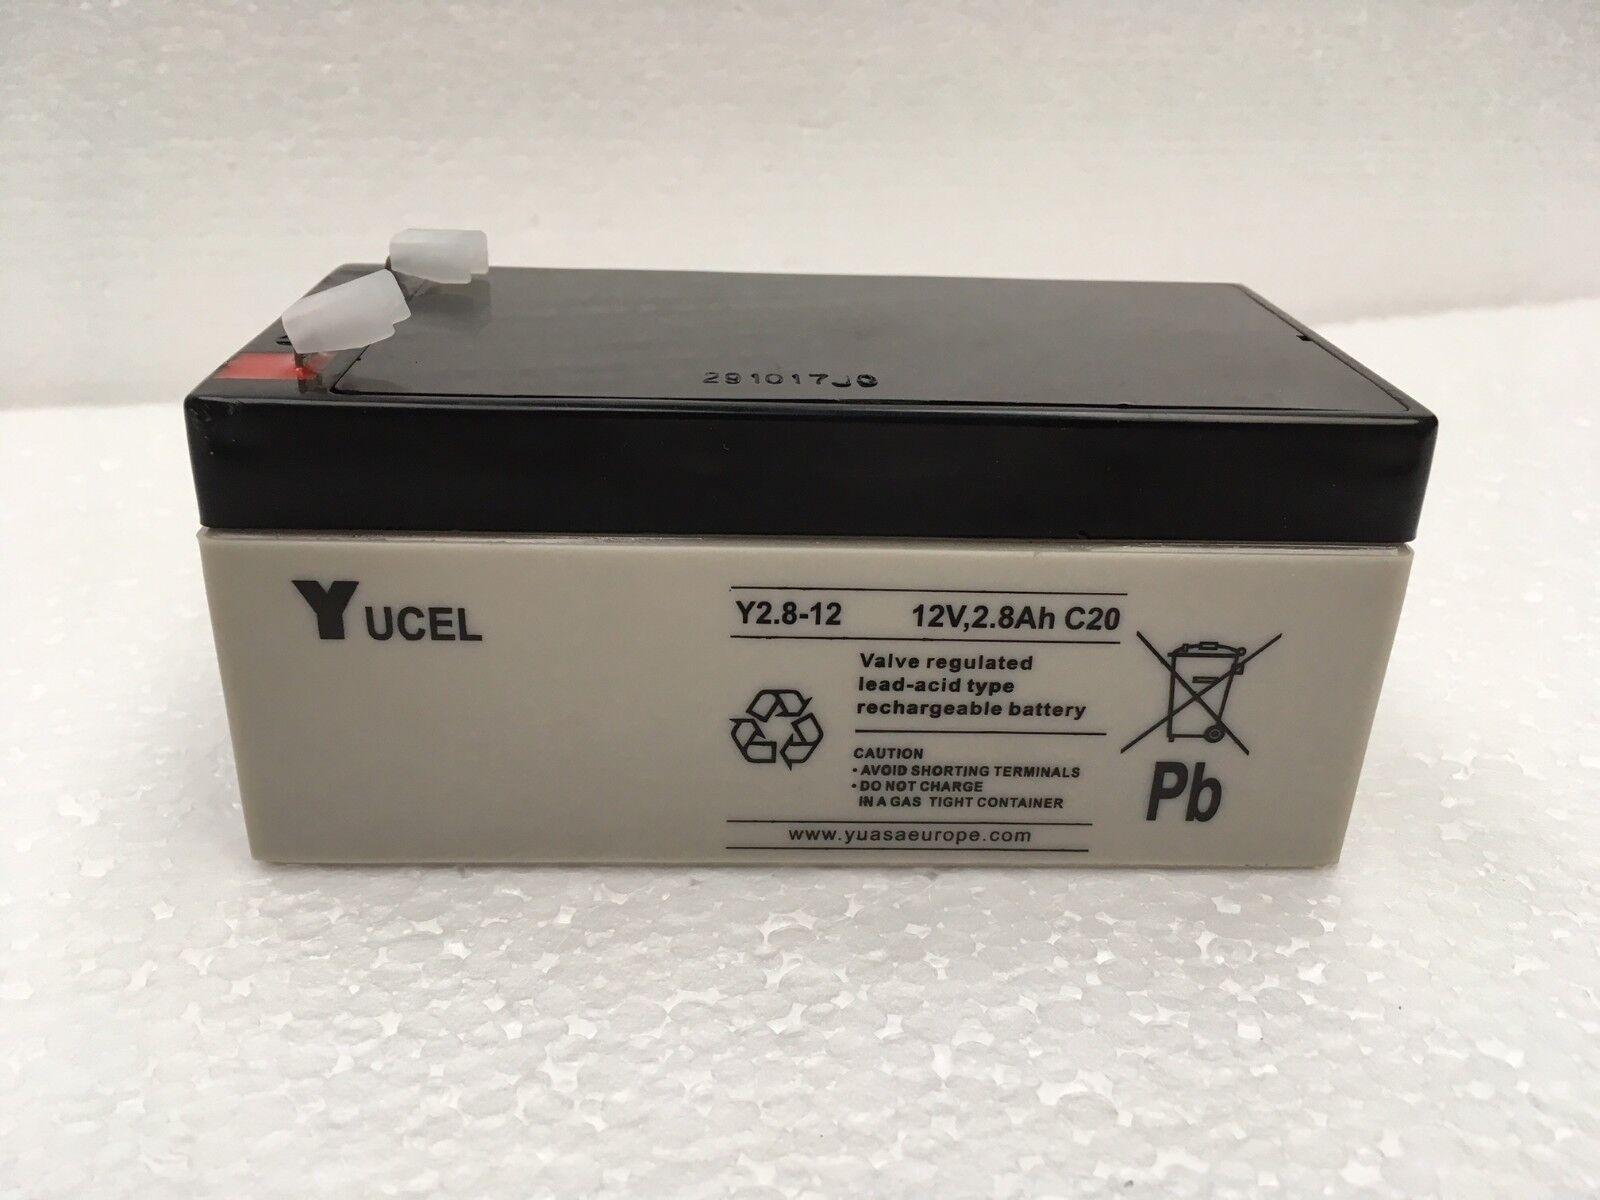 Y2.8-12 Yuasa yucel 12 V 2.8 Ah batería SLA Alarmas, Luces De Emergencia, los coches de juguete